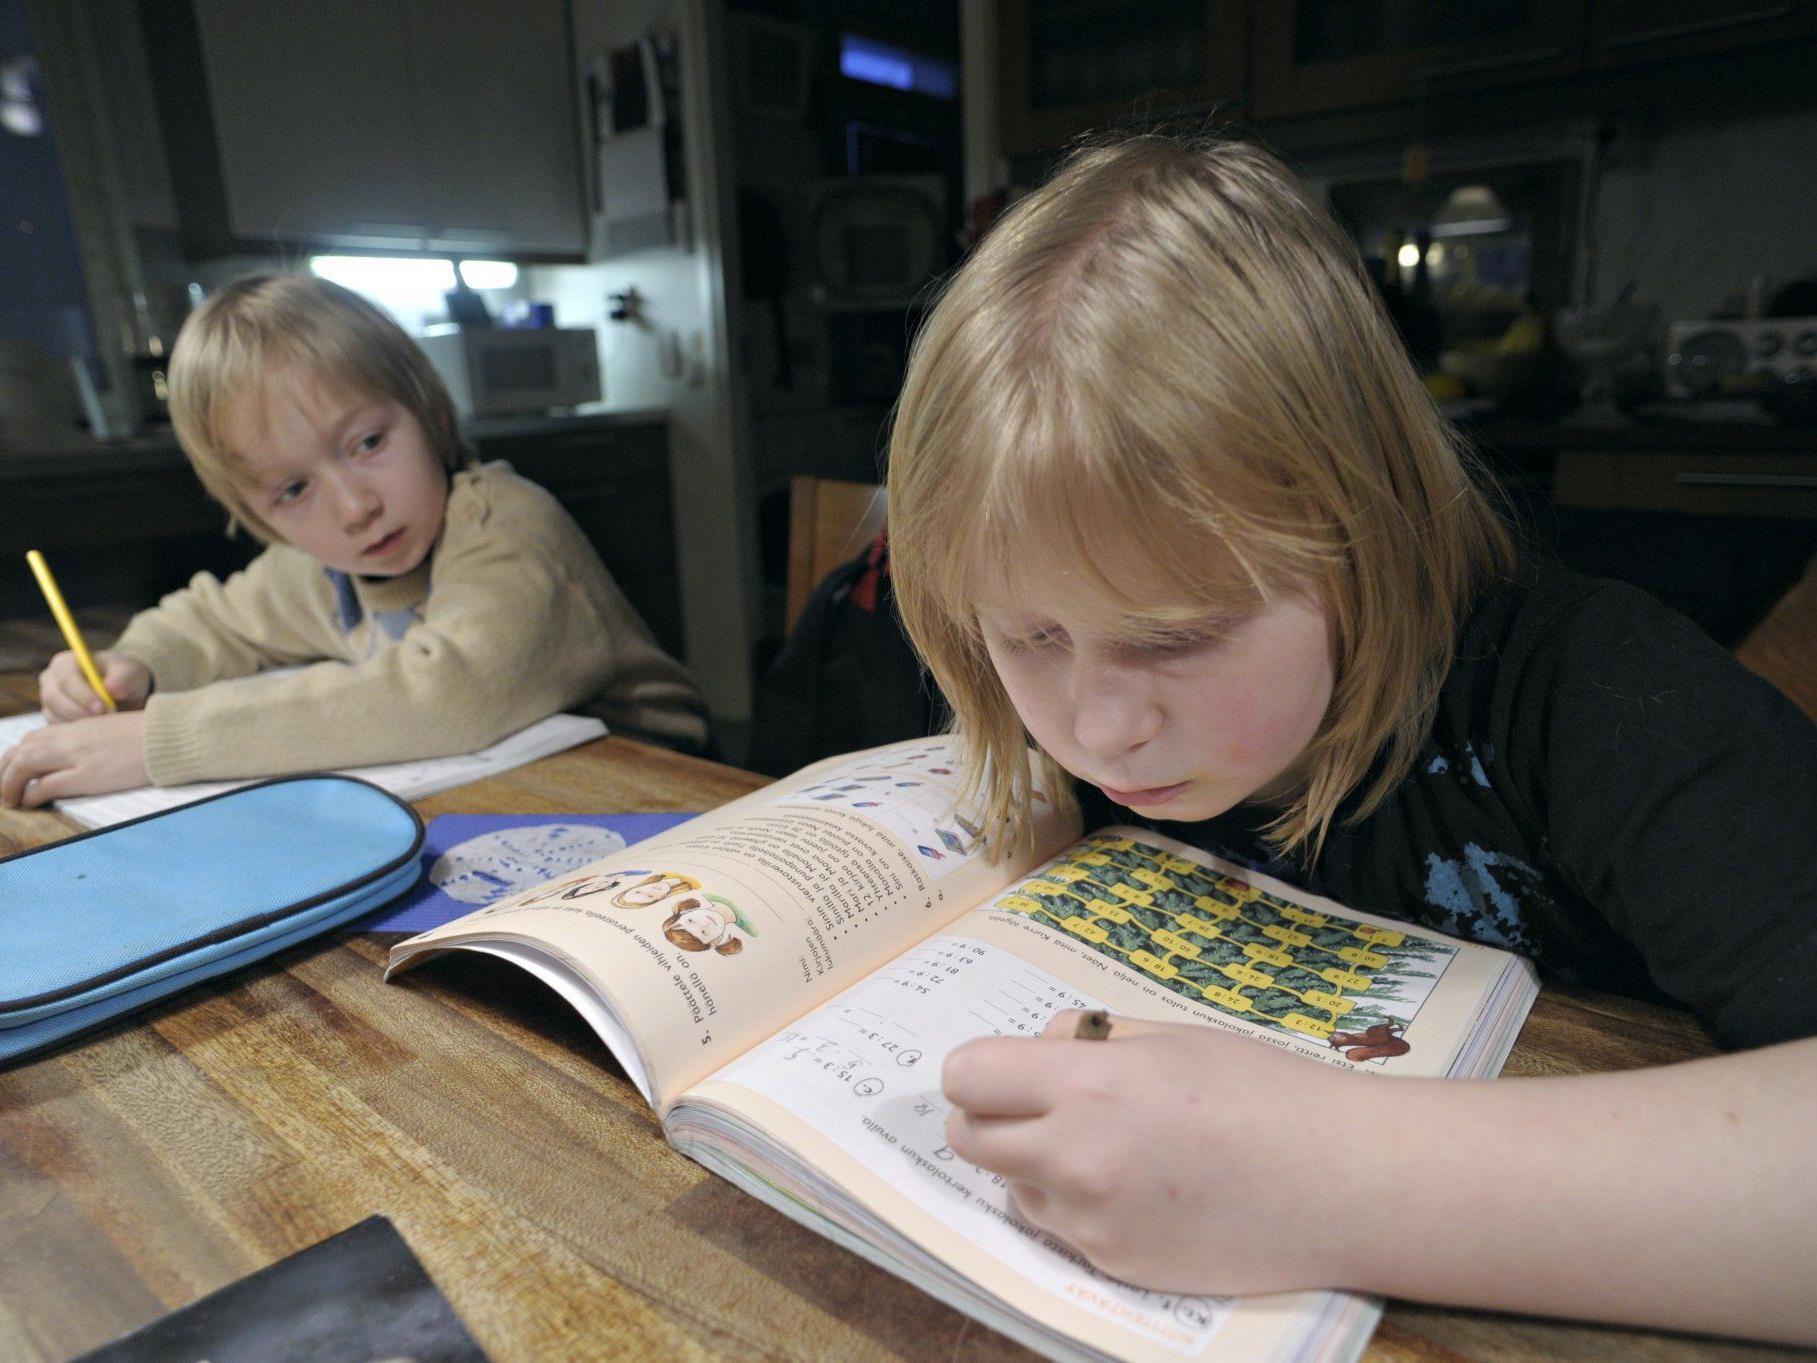 Gezieltes Lernen und Chancengleichheit stehen im Mittelpunkt der Bildungsdiskussion.